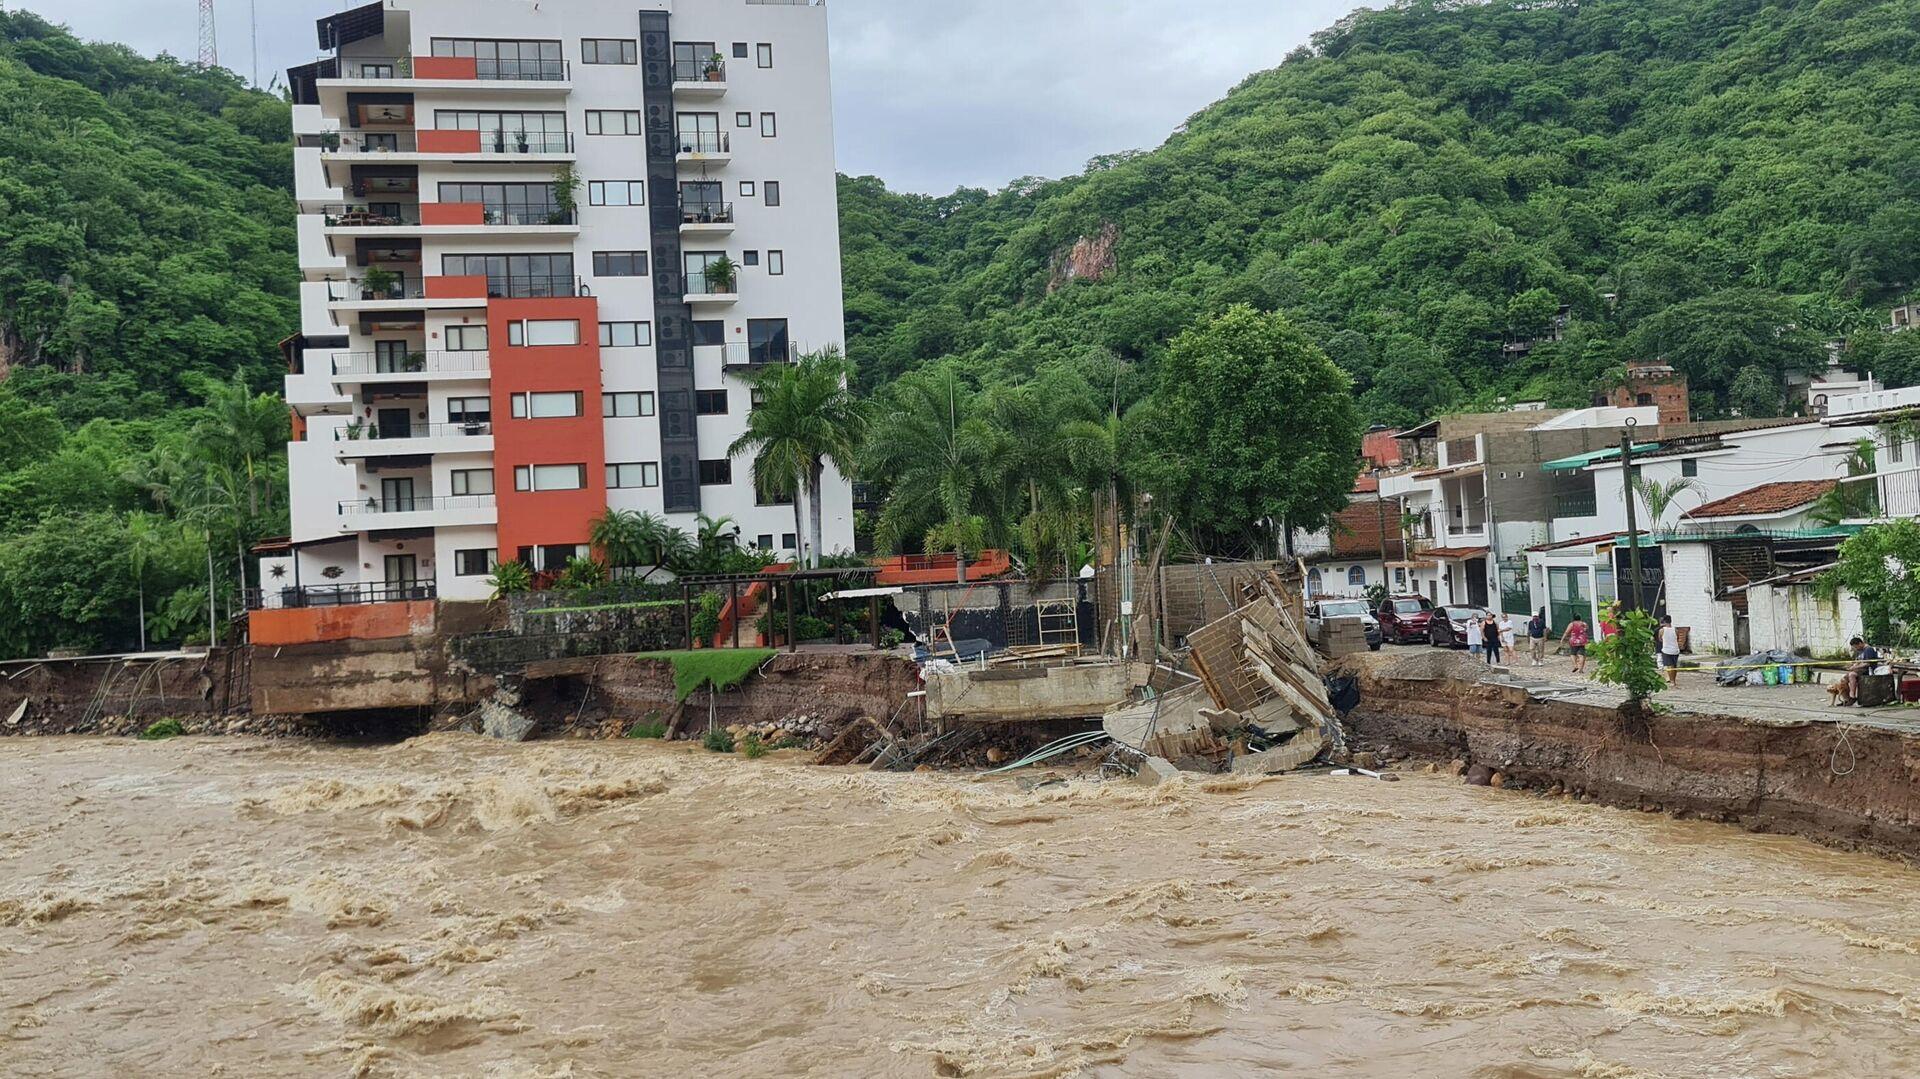 Tormenta tropical Nora en las costas de México - Sputnik Mundo, 1920, 30.08.2021